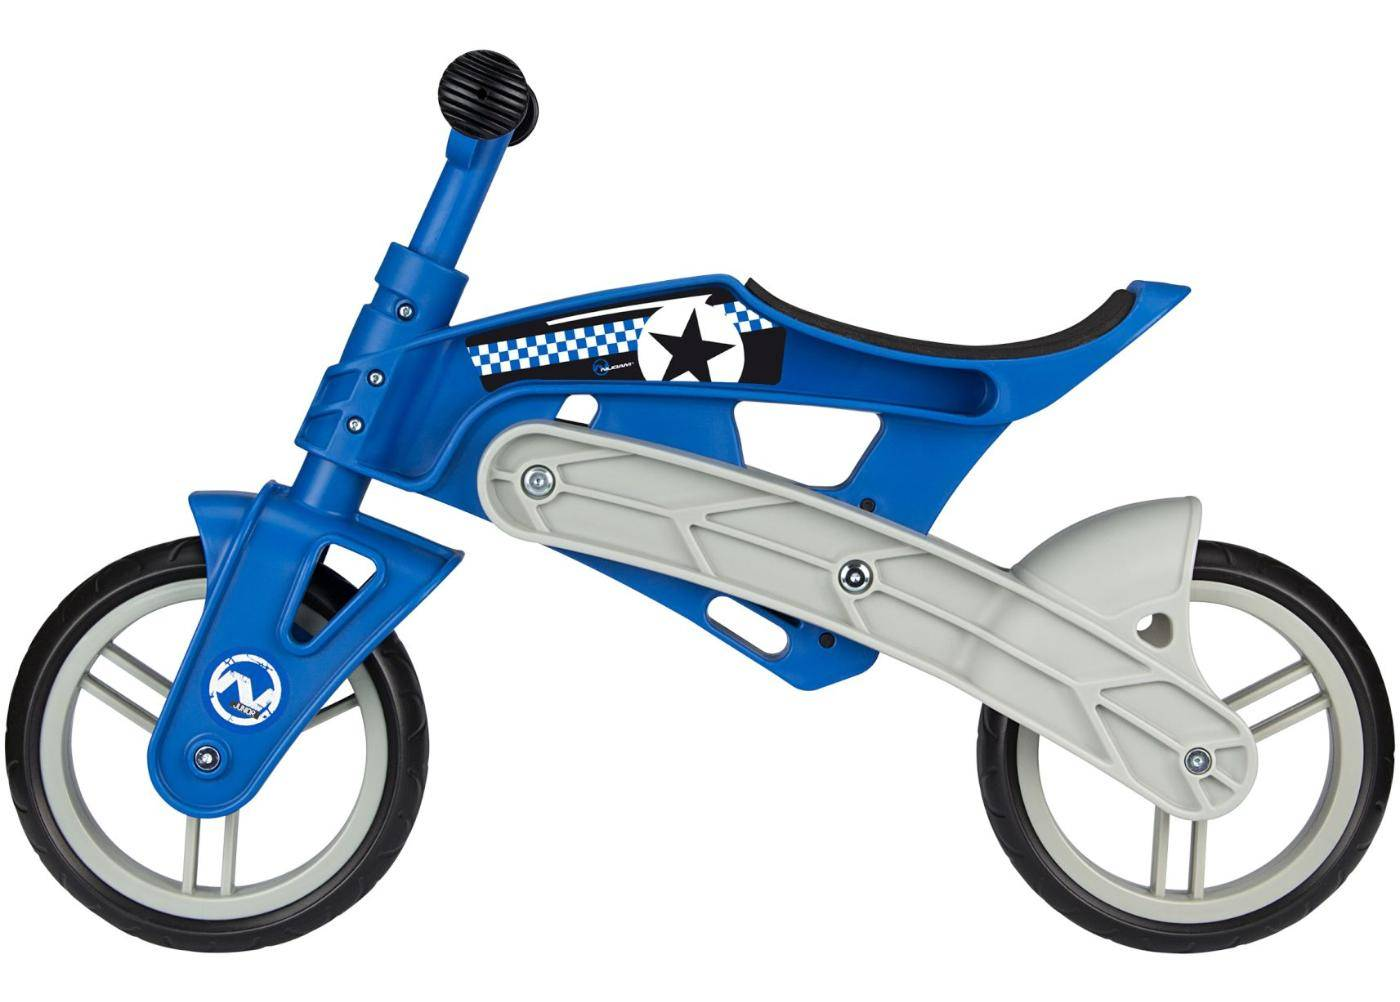 Nijdam Lasten potkupyörä N-Rider Nijdam säädettävä